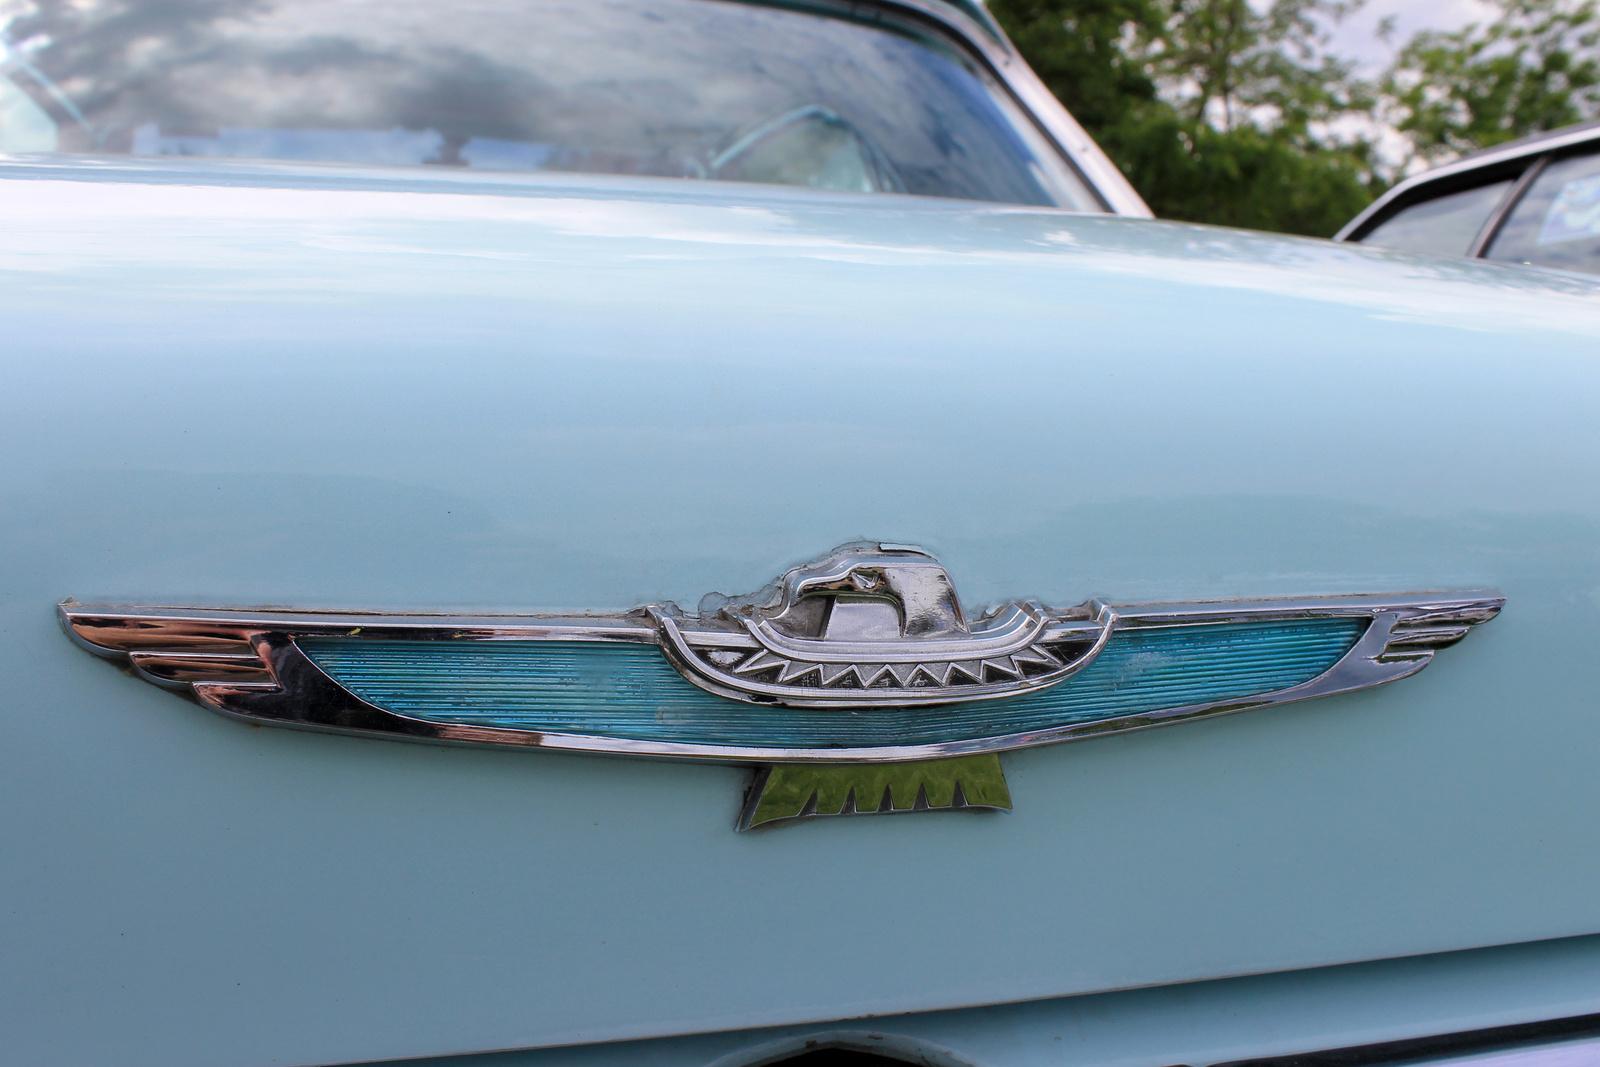 Ford Thunderbird Mk. III